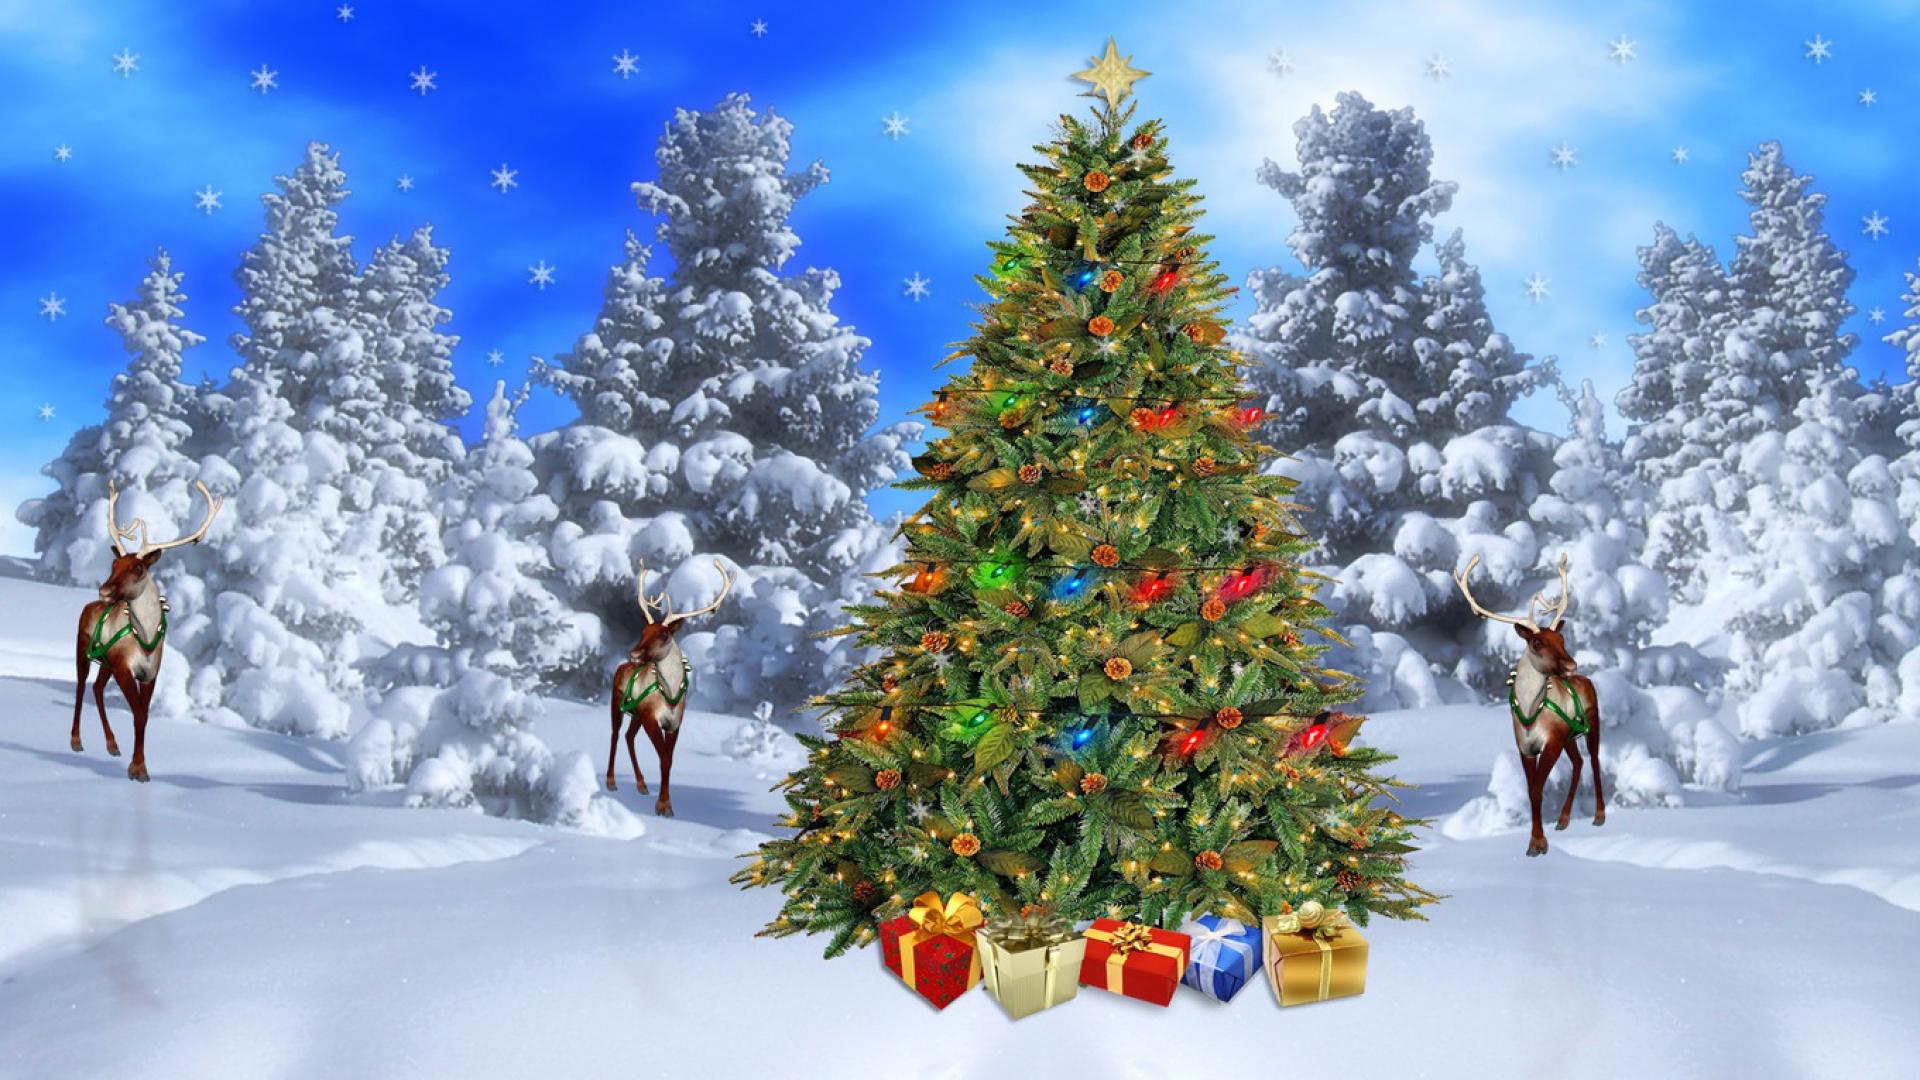 Bộ Sưu Tập Ảnh Giáng Sinh - Page 5 112in